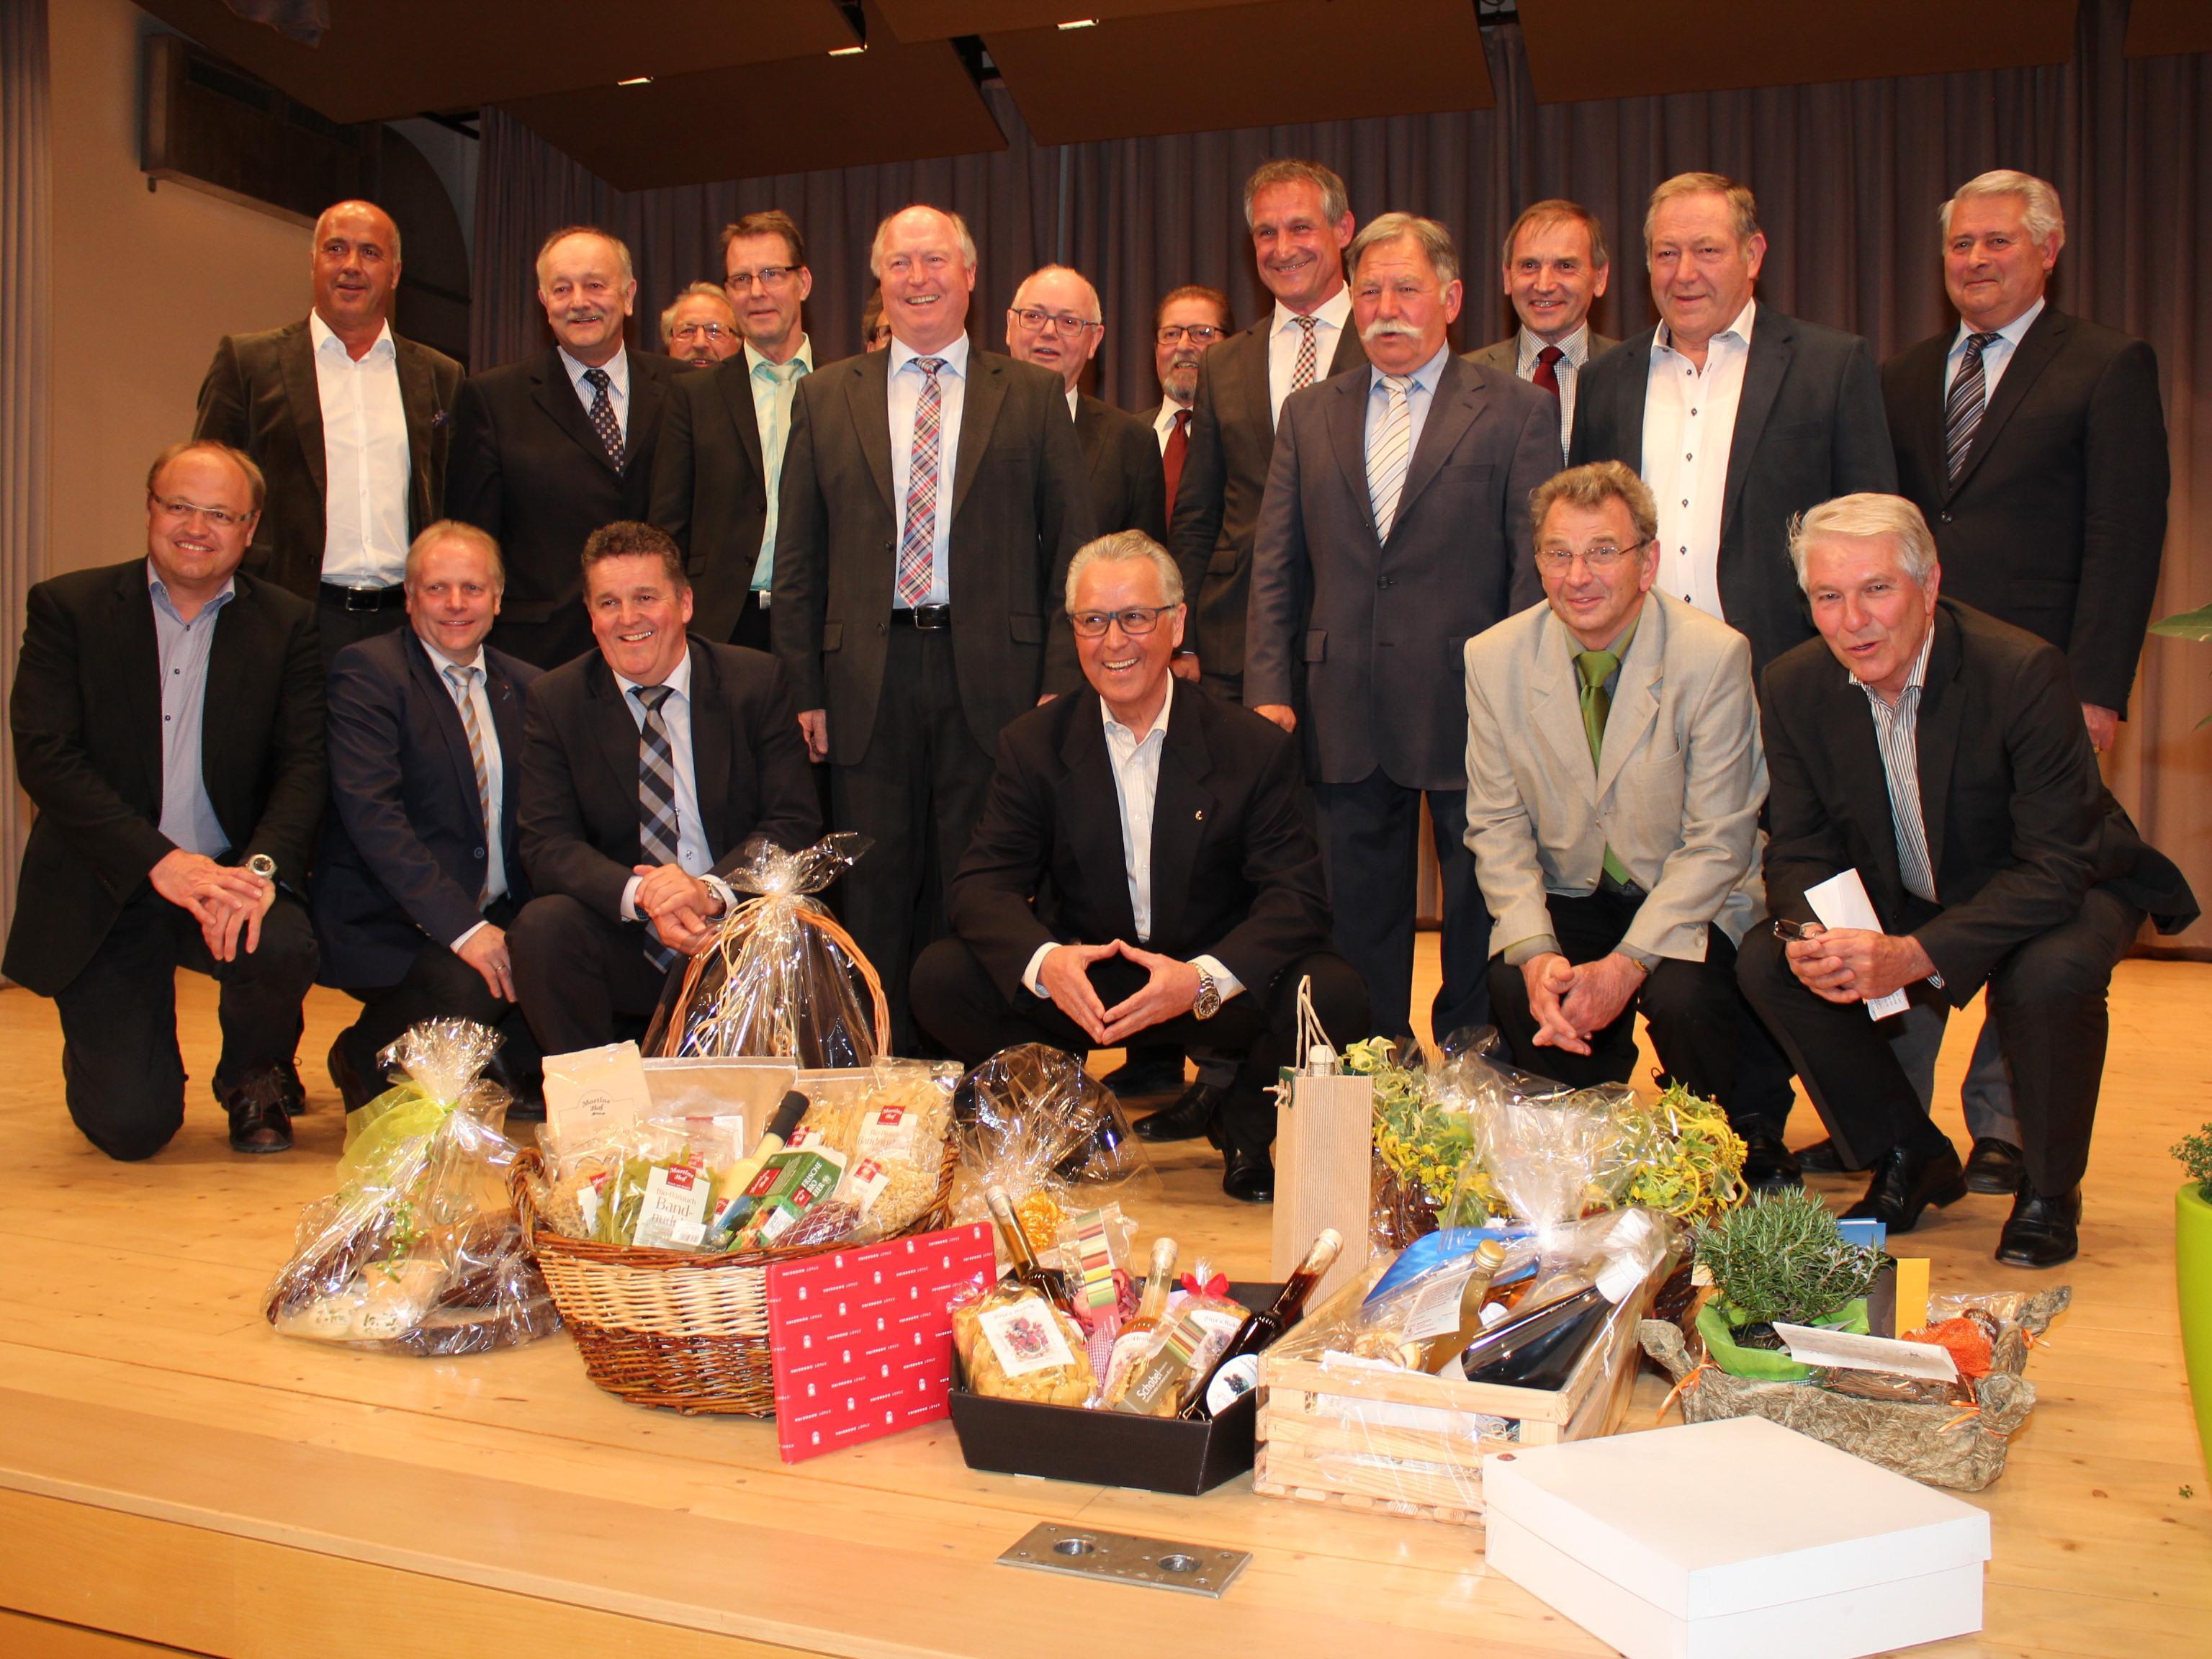 Zum Festakt kamen viele Bürgermeister- und Altbürgermeisterkollegen.